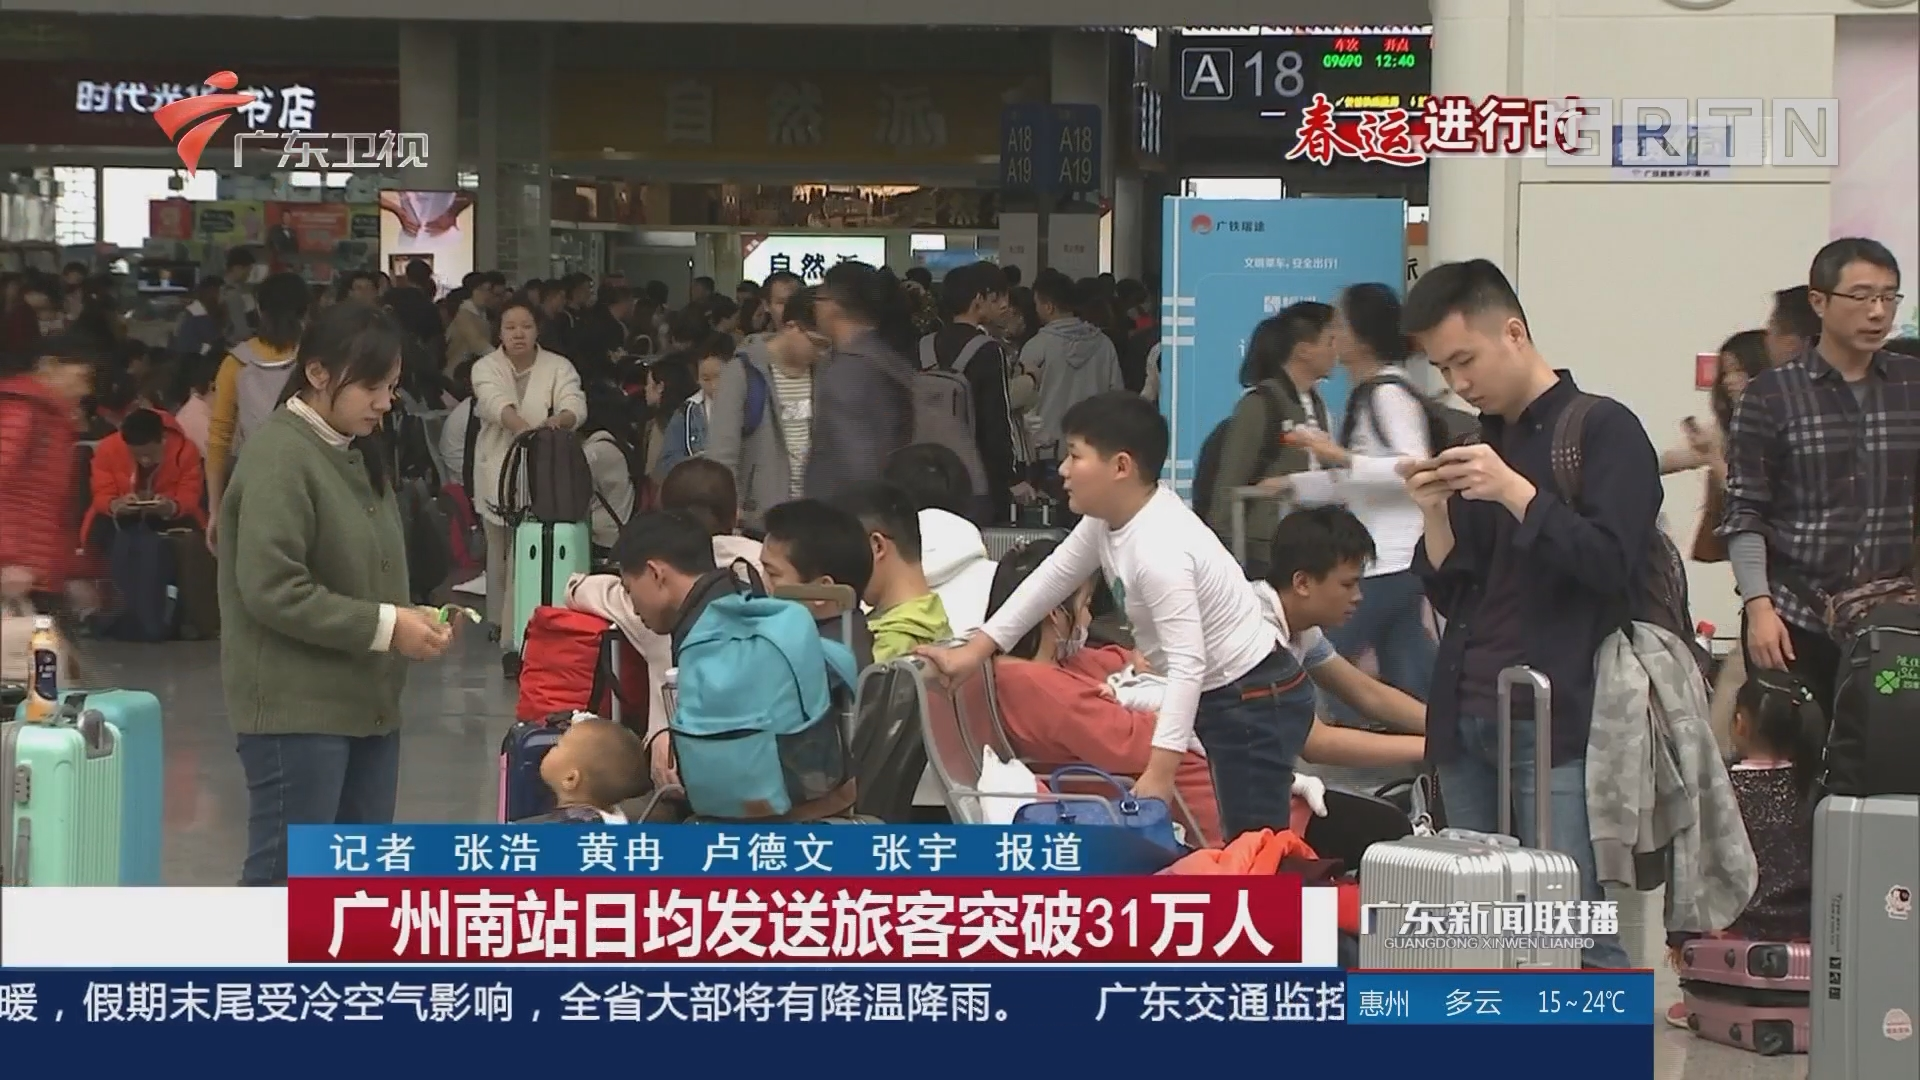 广州南站日均发送旅客突破31万人